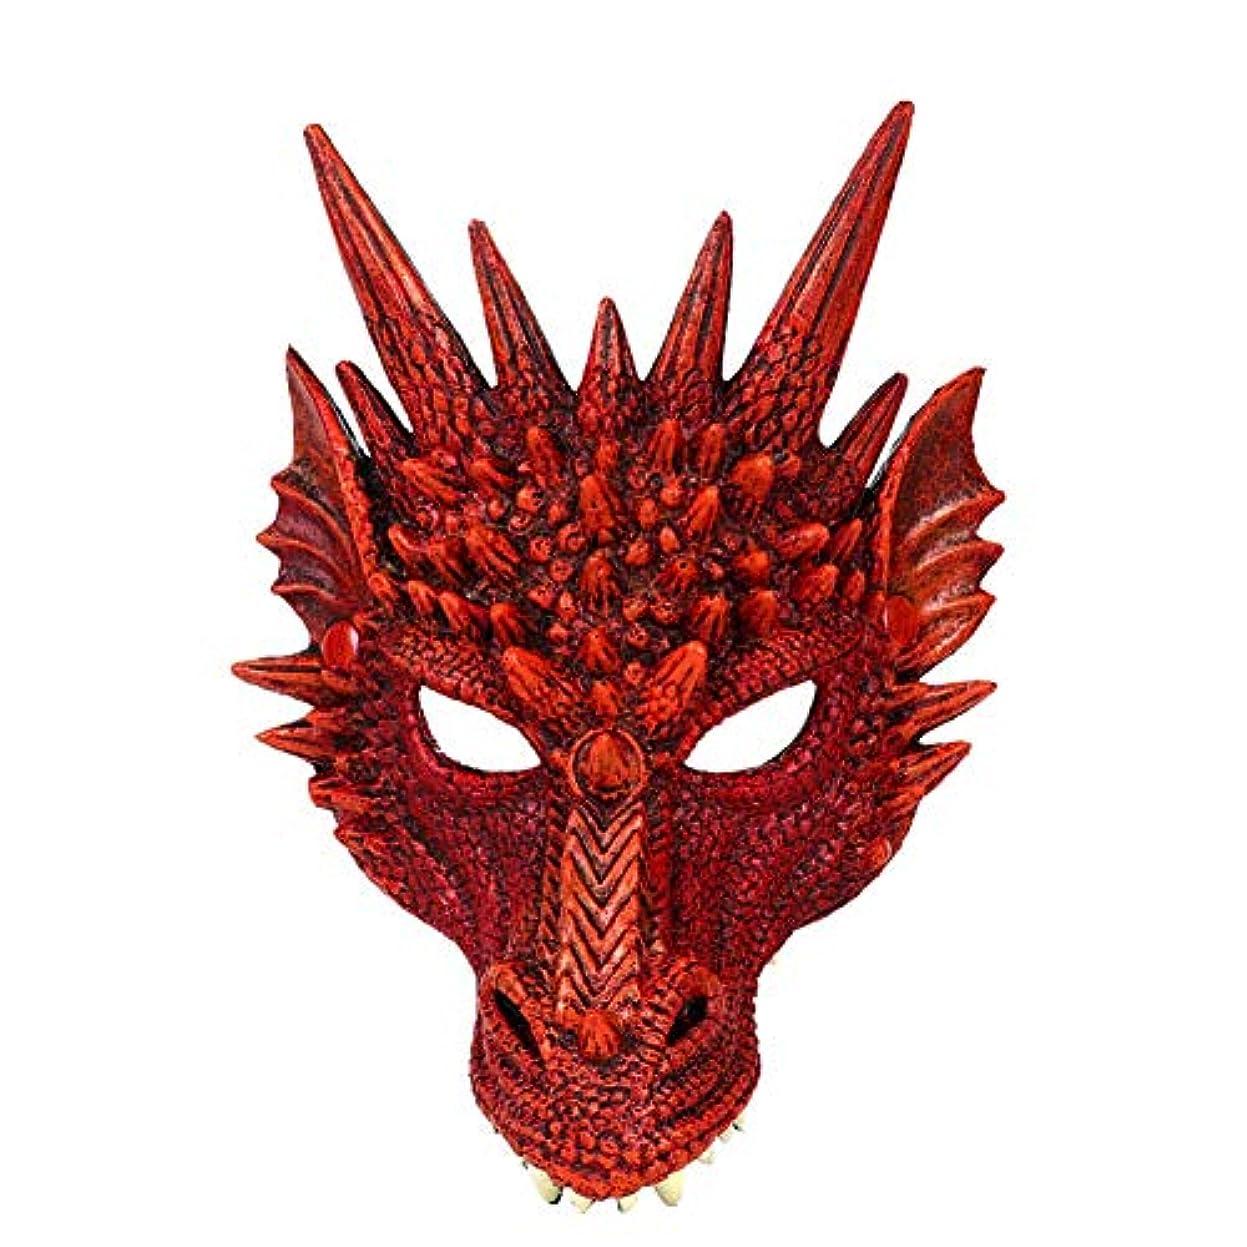 狂う脚苦難Esolom 4Dドラゴンマスク ハーフマスク 10代の子供のためのハロウィンコスチューム パーティーの装飾 テーマパーティー用品 ドラゴンコスプレ小道具